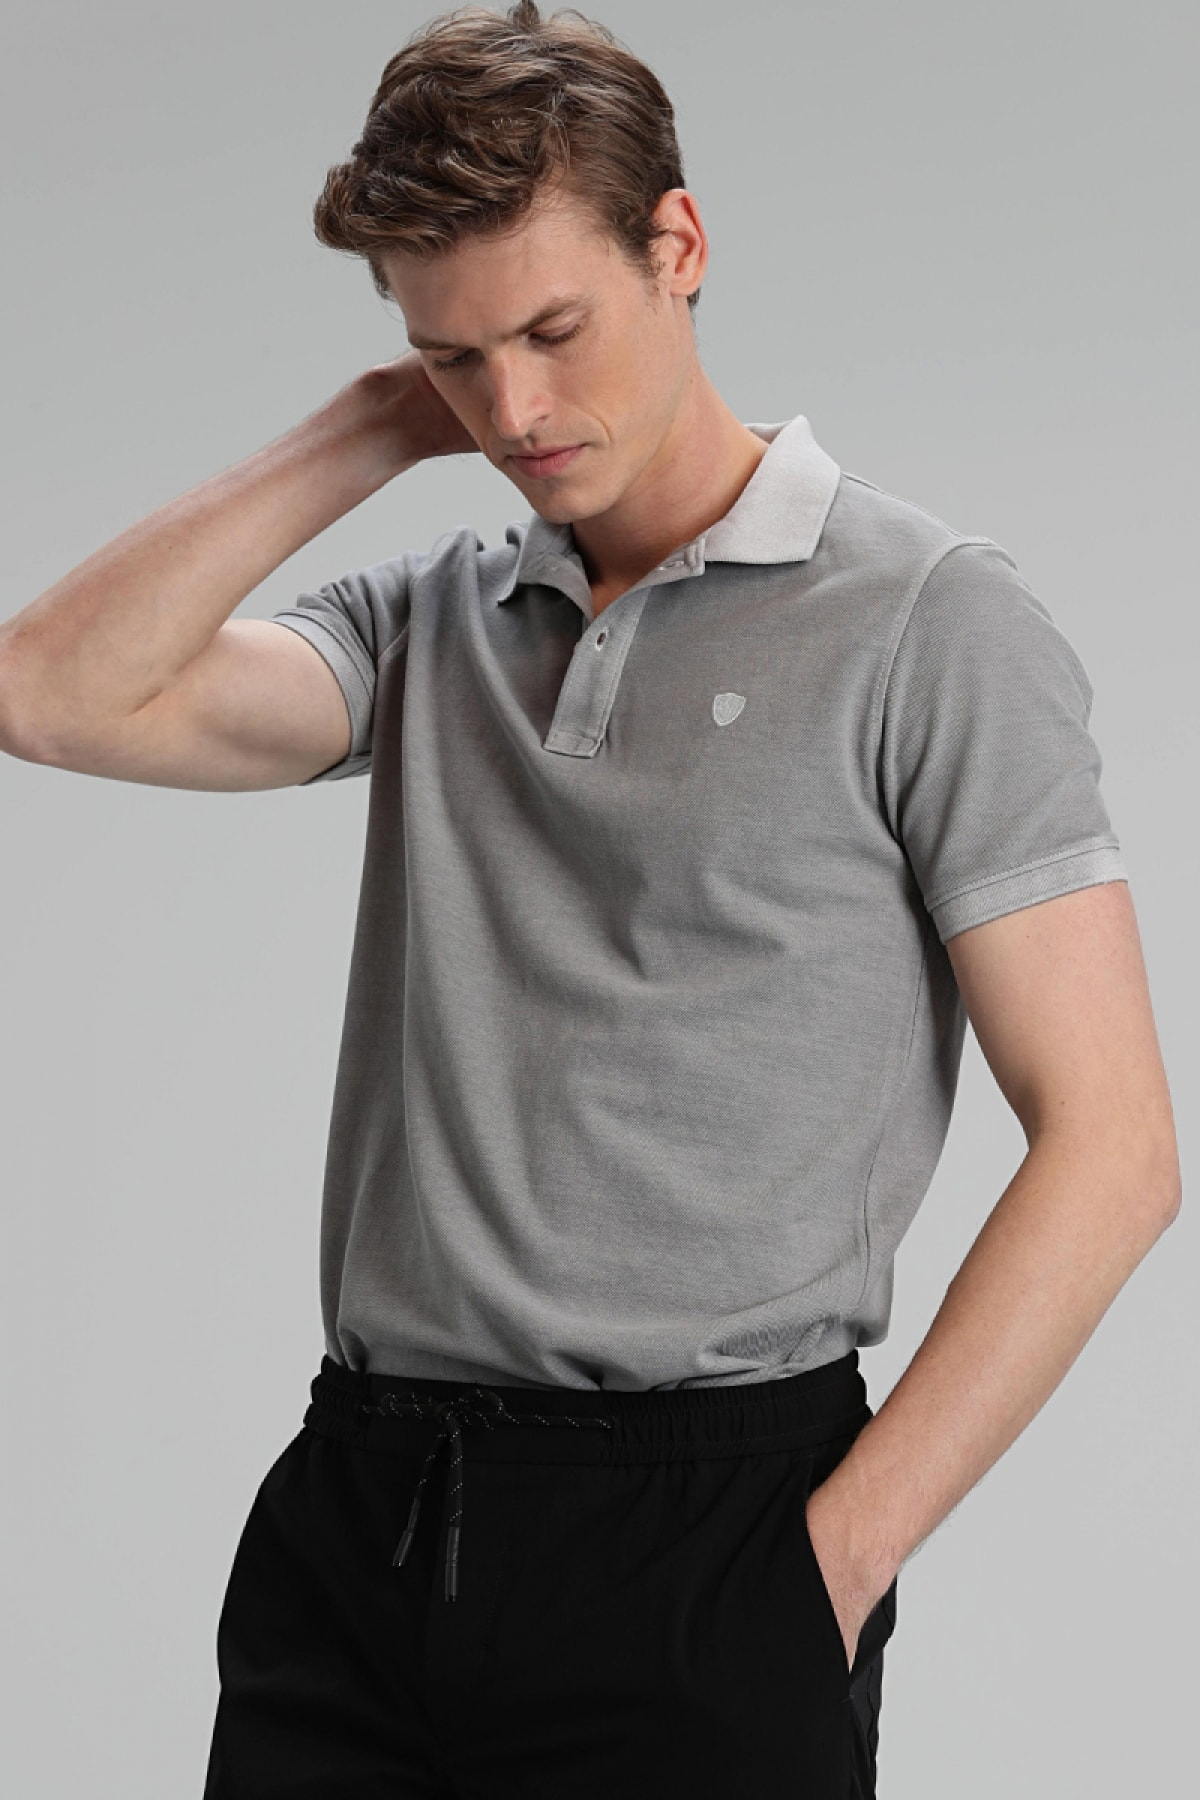 Lufian Vernon Spor Polo T- Shirt Gri